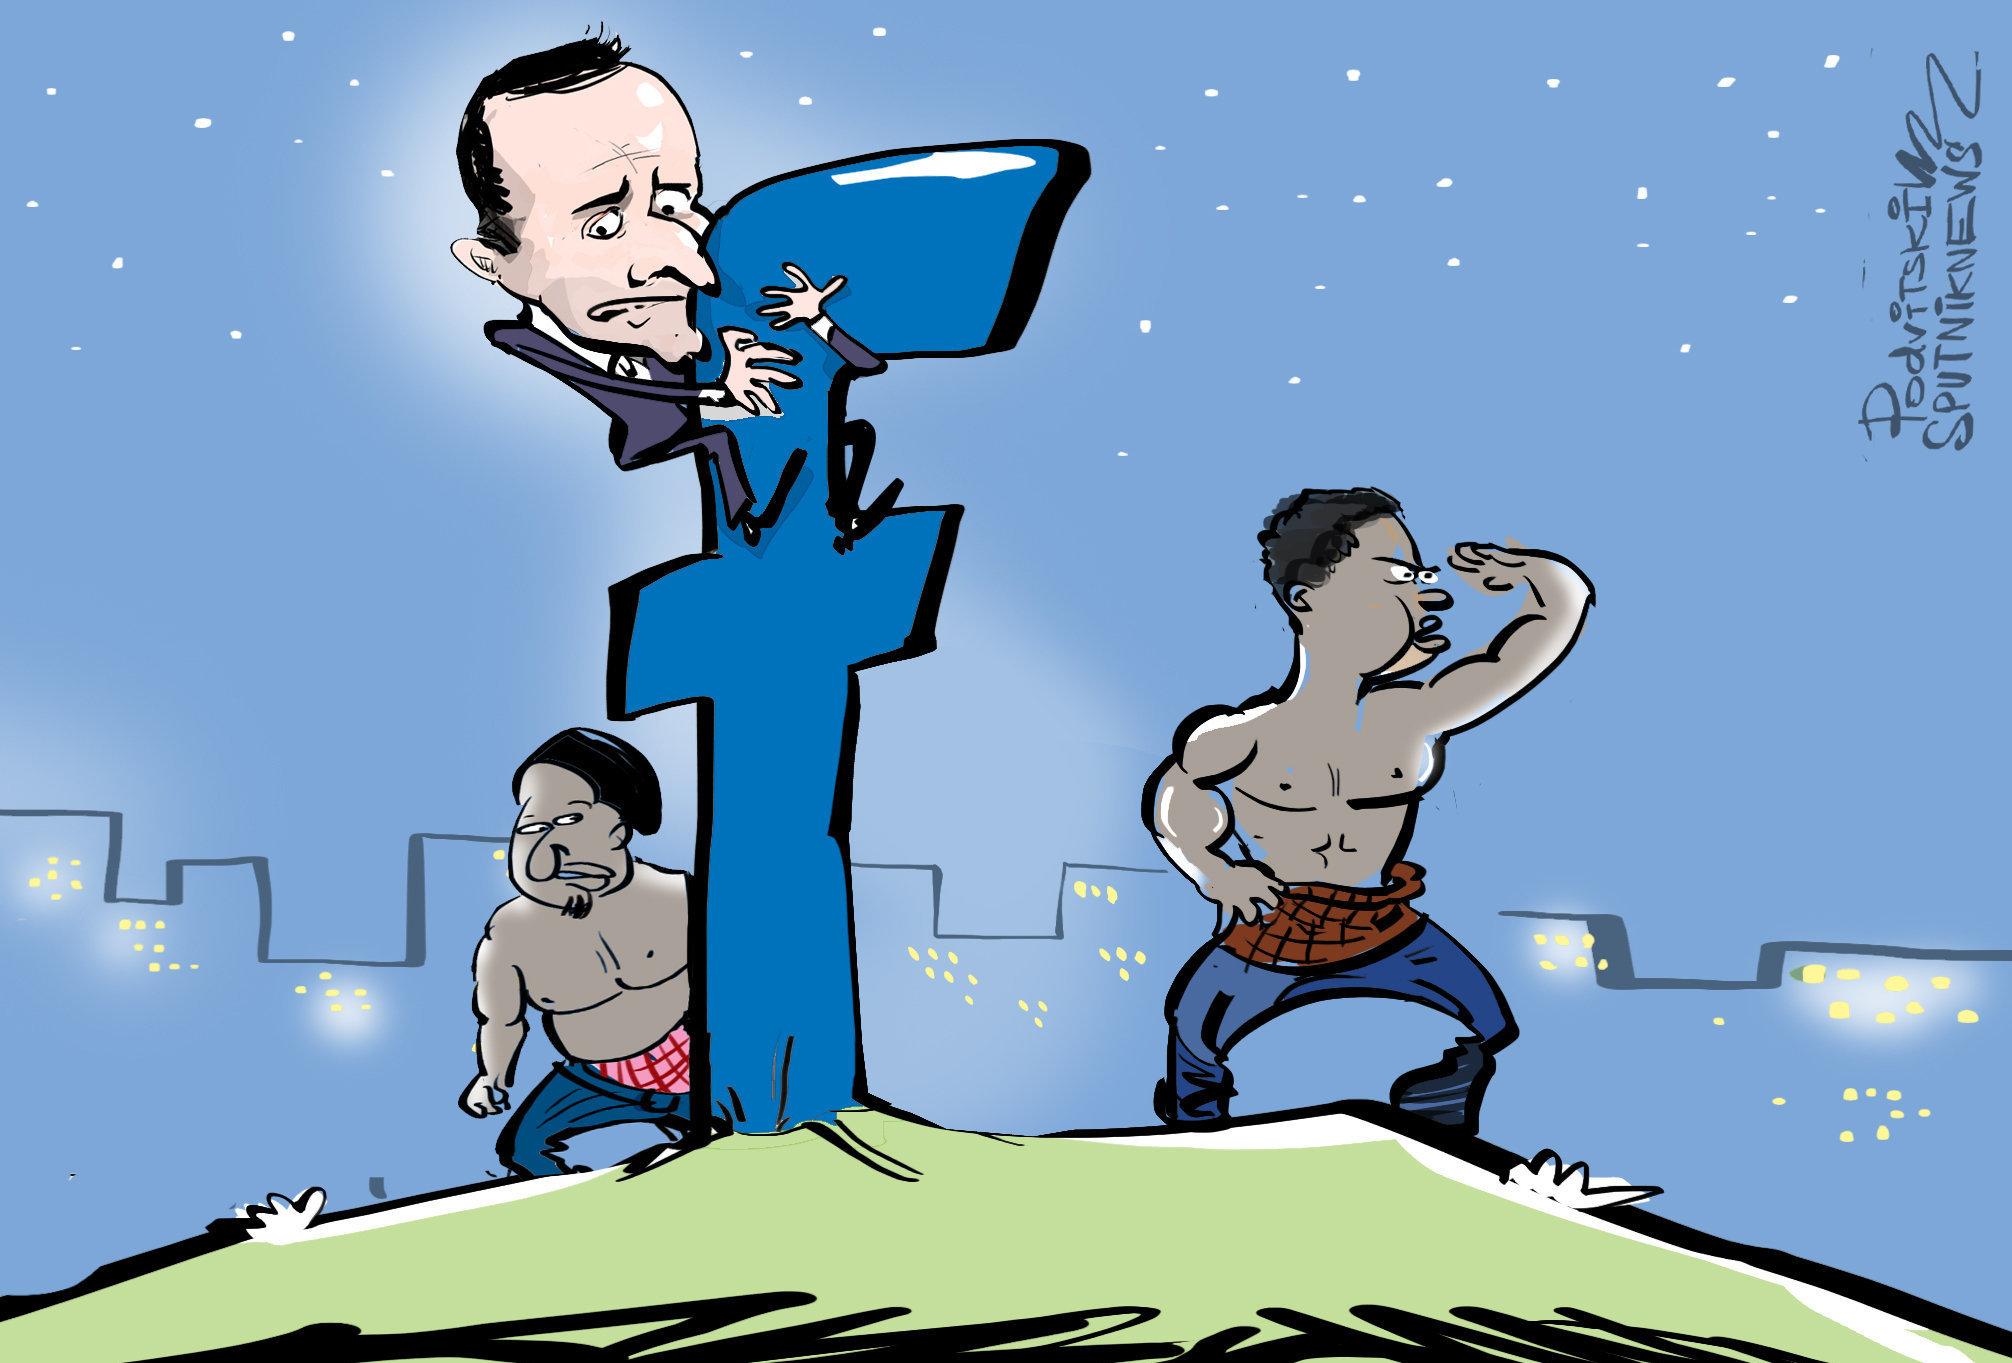 ¿Qué pasó después?: Facebook bloquea una polémica foto de Macron